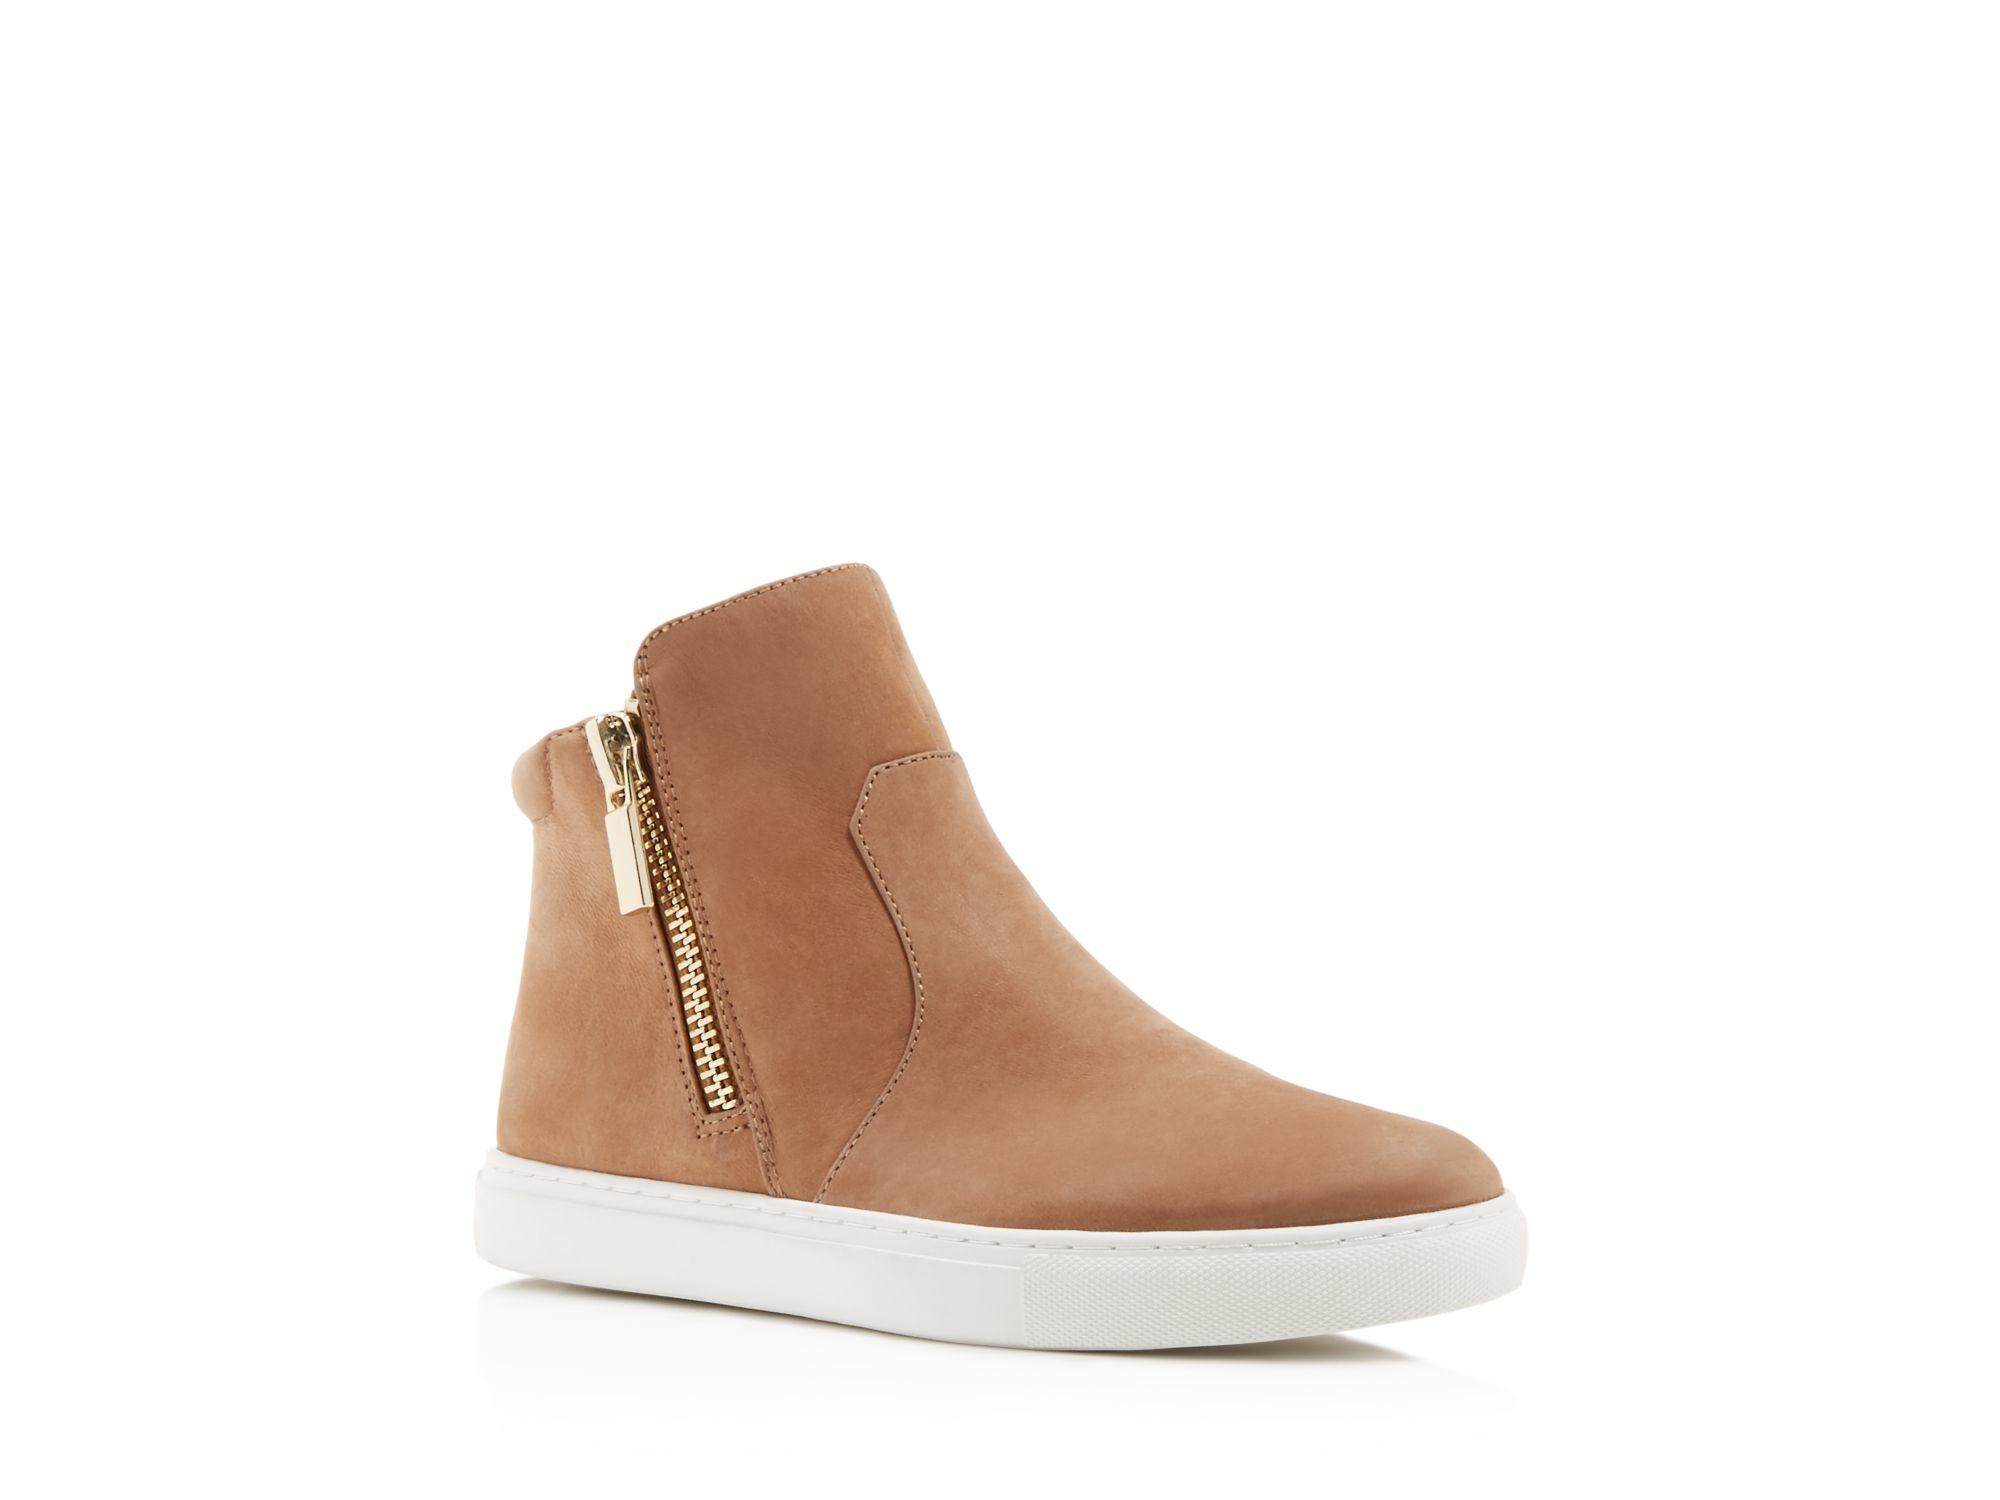 Kenneth Cole Kiera Side Zip High Top Sneakers tuIykBbj